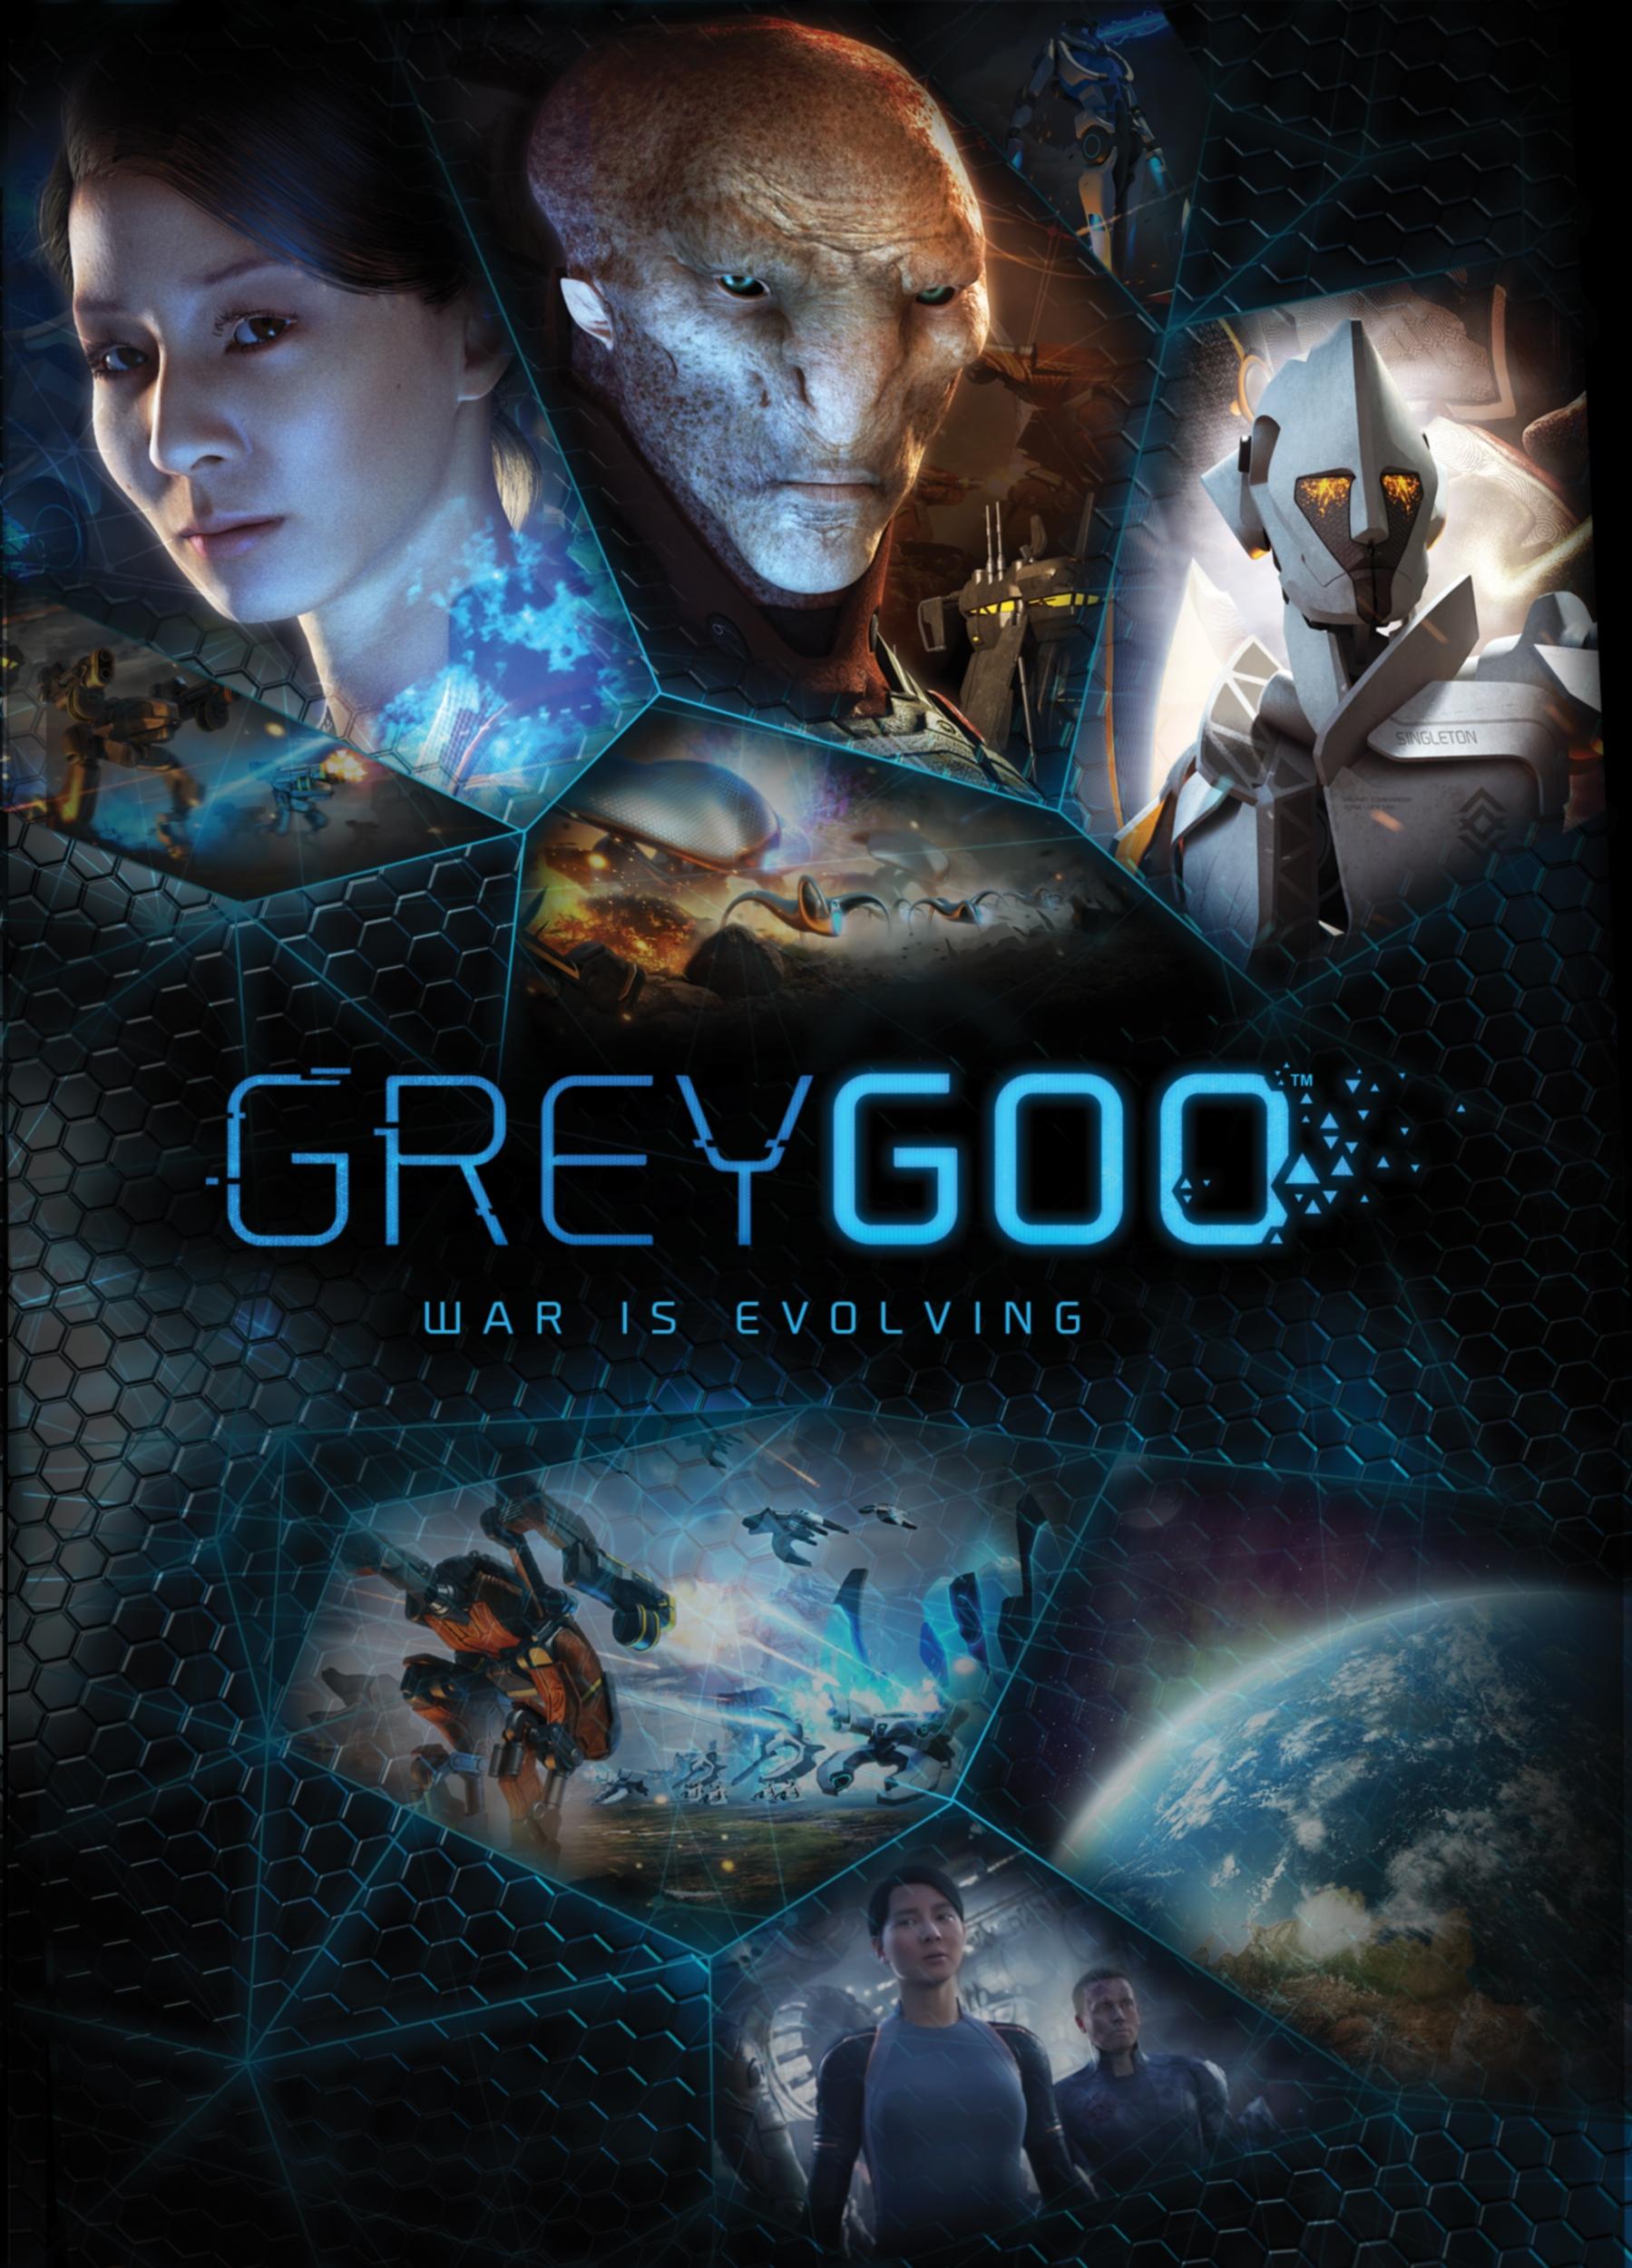 Grey Goo Definitive Edition 3,9€ [Steam / Ähnlich C&C/StarCraft 2]